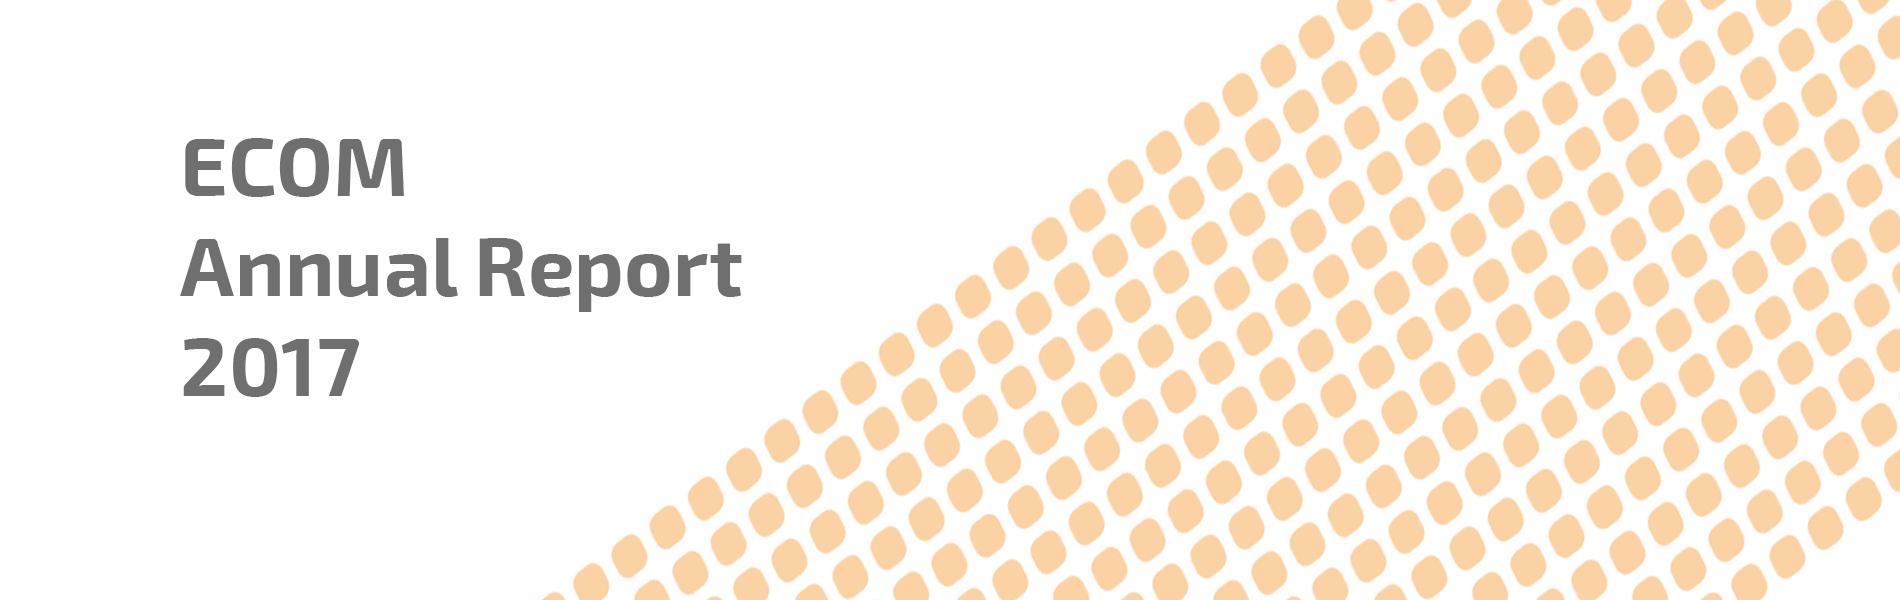 ECOM Annual Report 2017